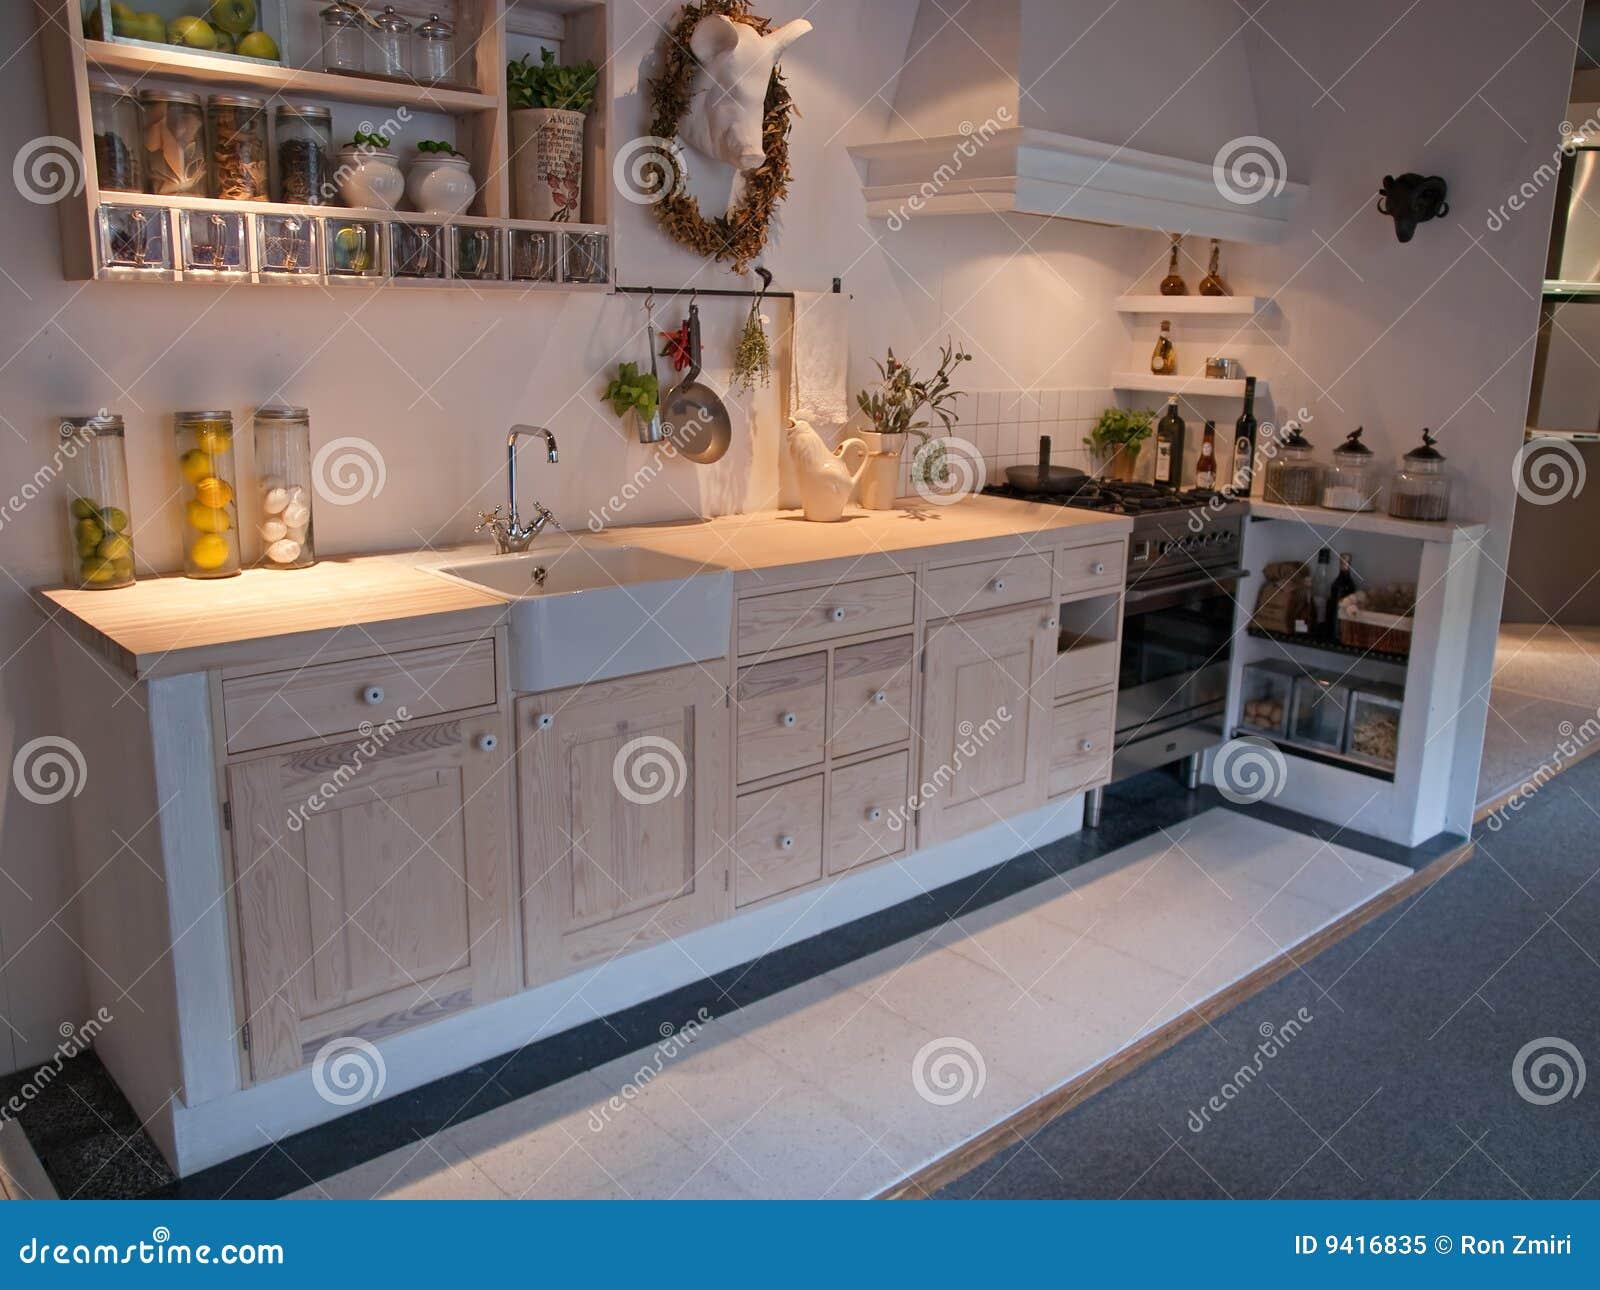 De moderne neo klassieke keuken van het ontwerp houten land royalty vrije stock foto - De klassieke keuken ...